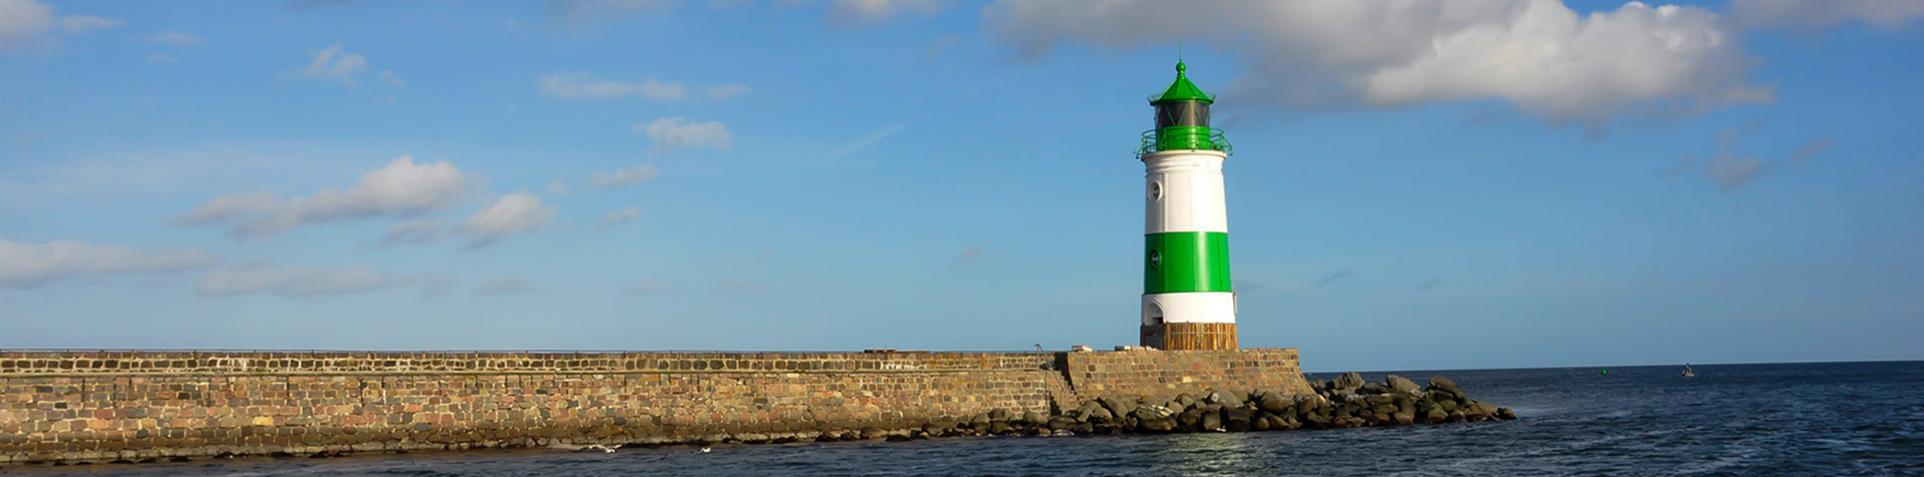 Ein Leuchtturm am Strand